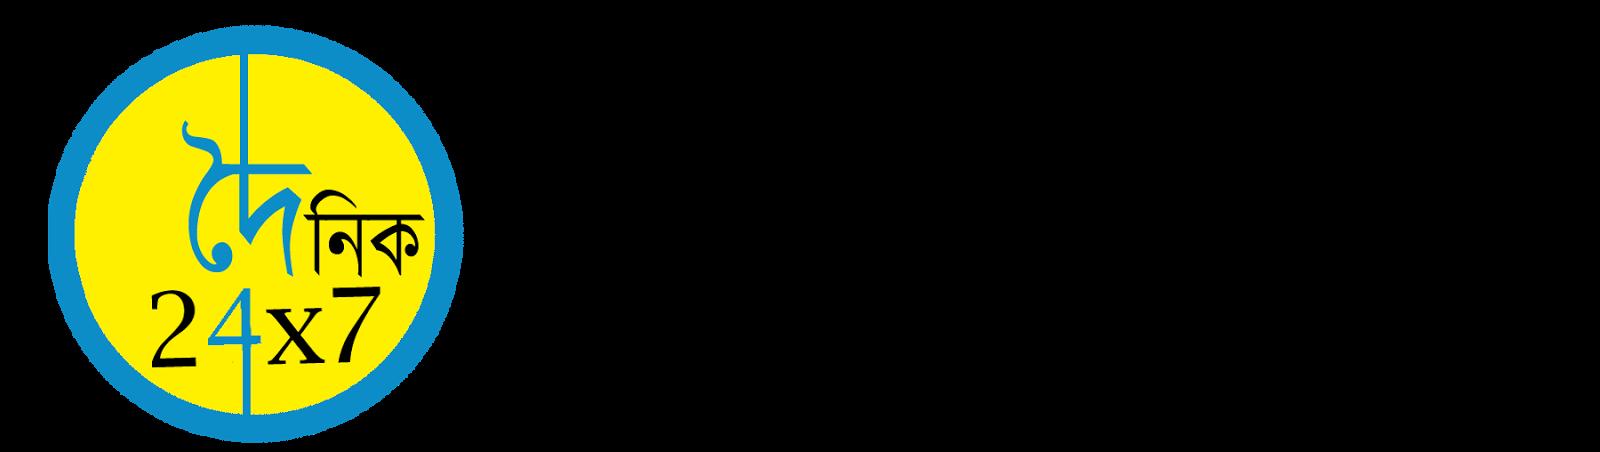 Dainik24x7